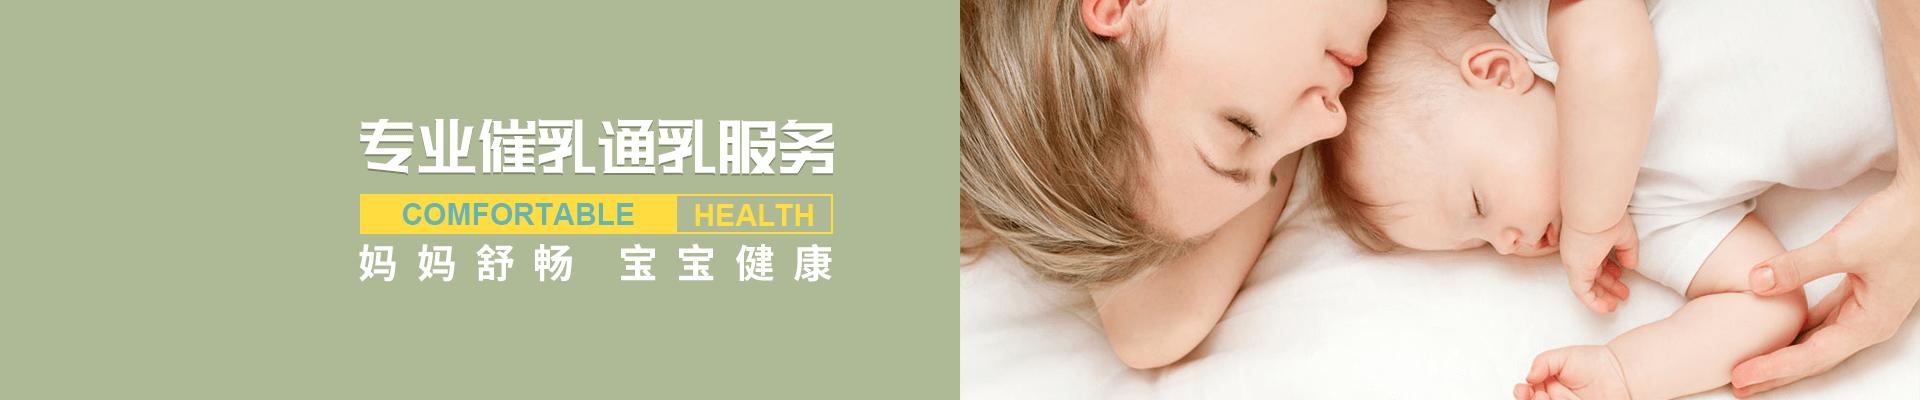 深圳多喜娃母婴职业培训学校